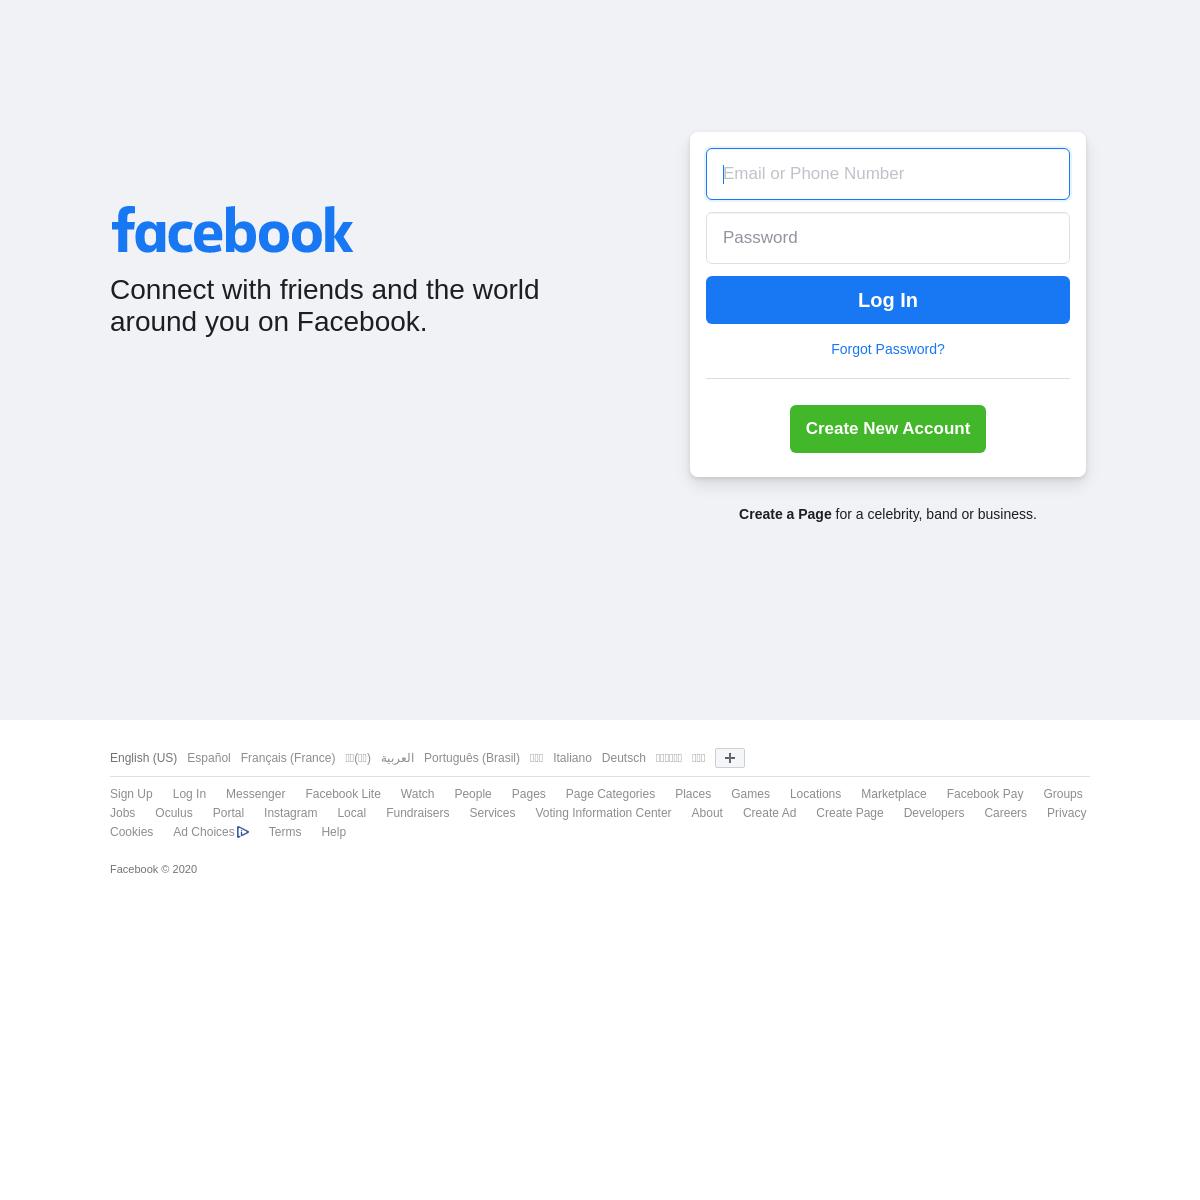 Facebook - Log In or Sign Up